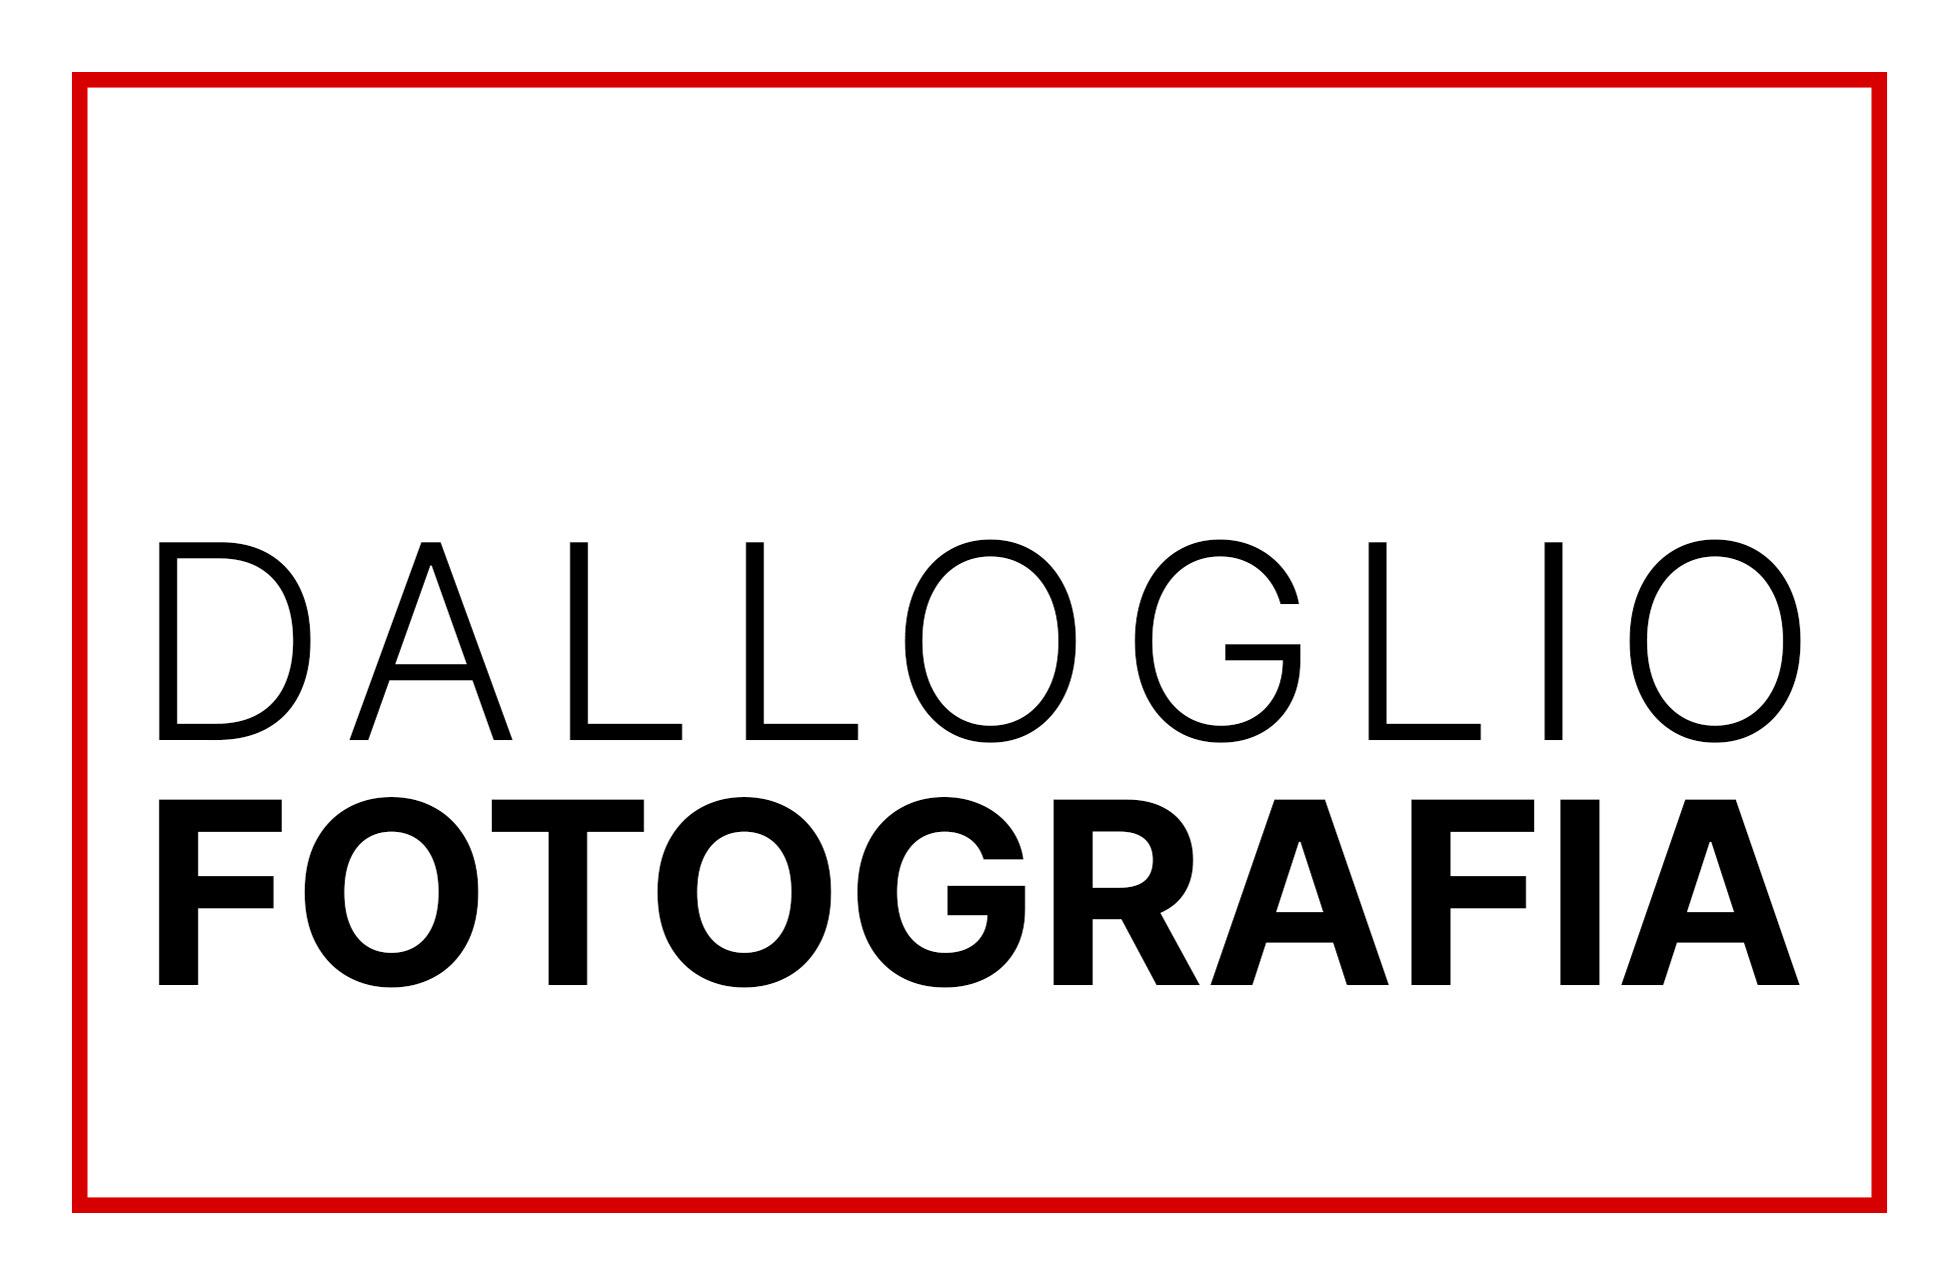 DALLOGLIO FOTOGRAFIA